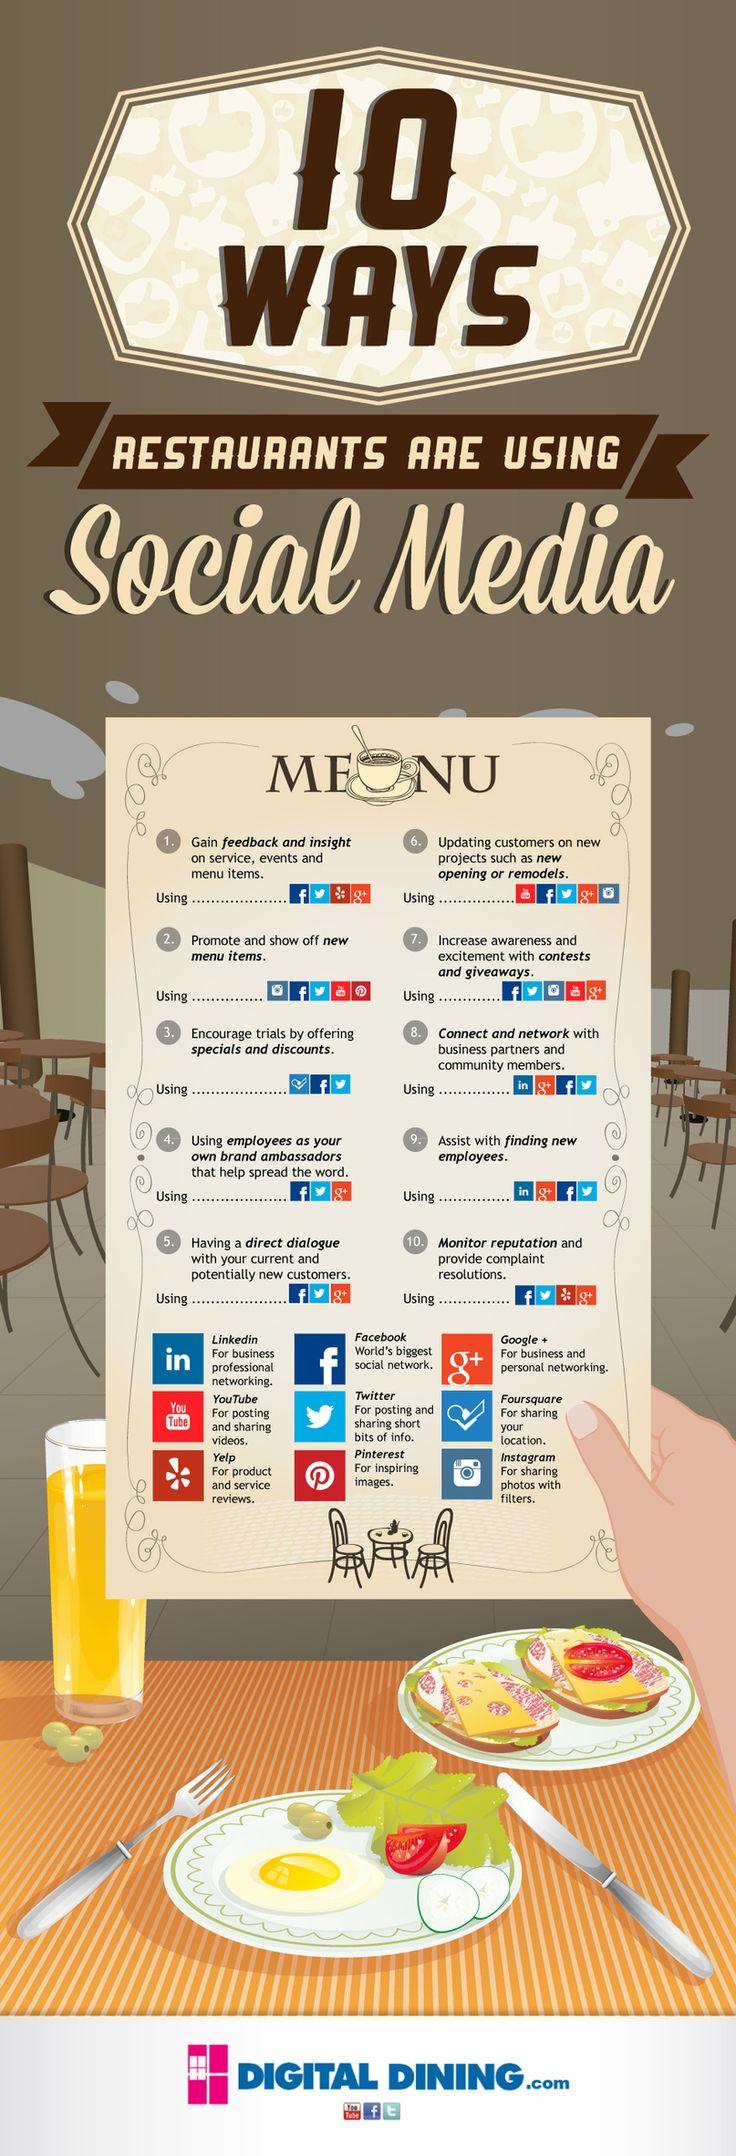 10 Ways Restaurants are using Social Media (Infographic) - Digital Dining